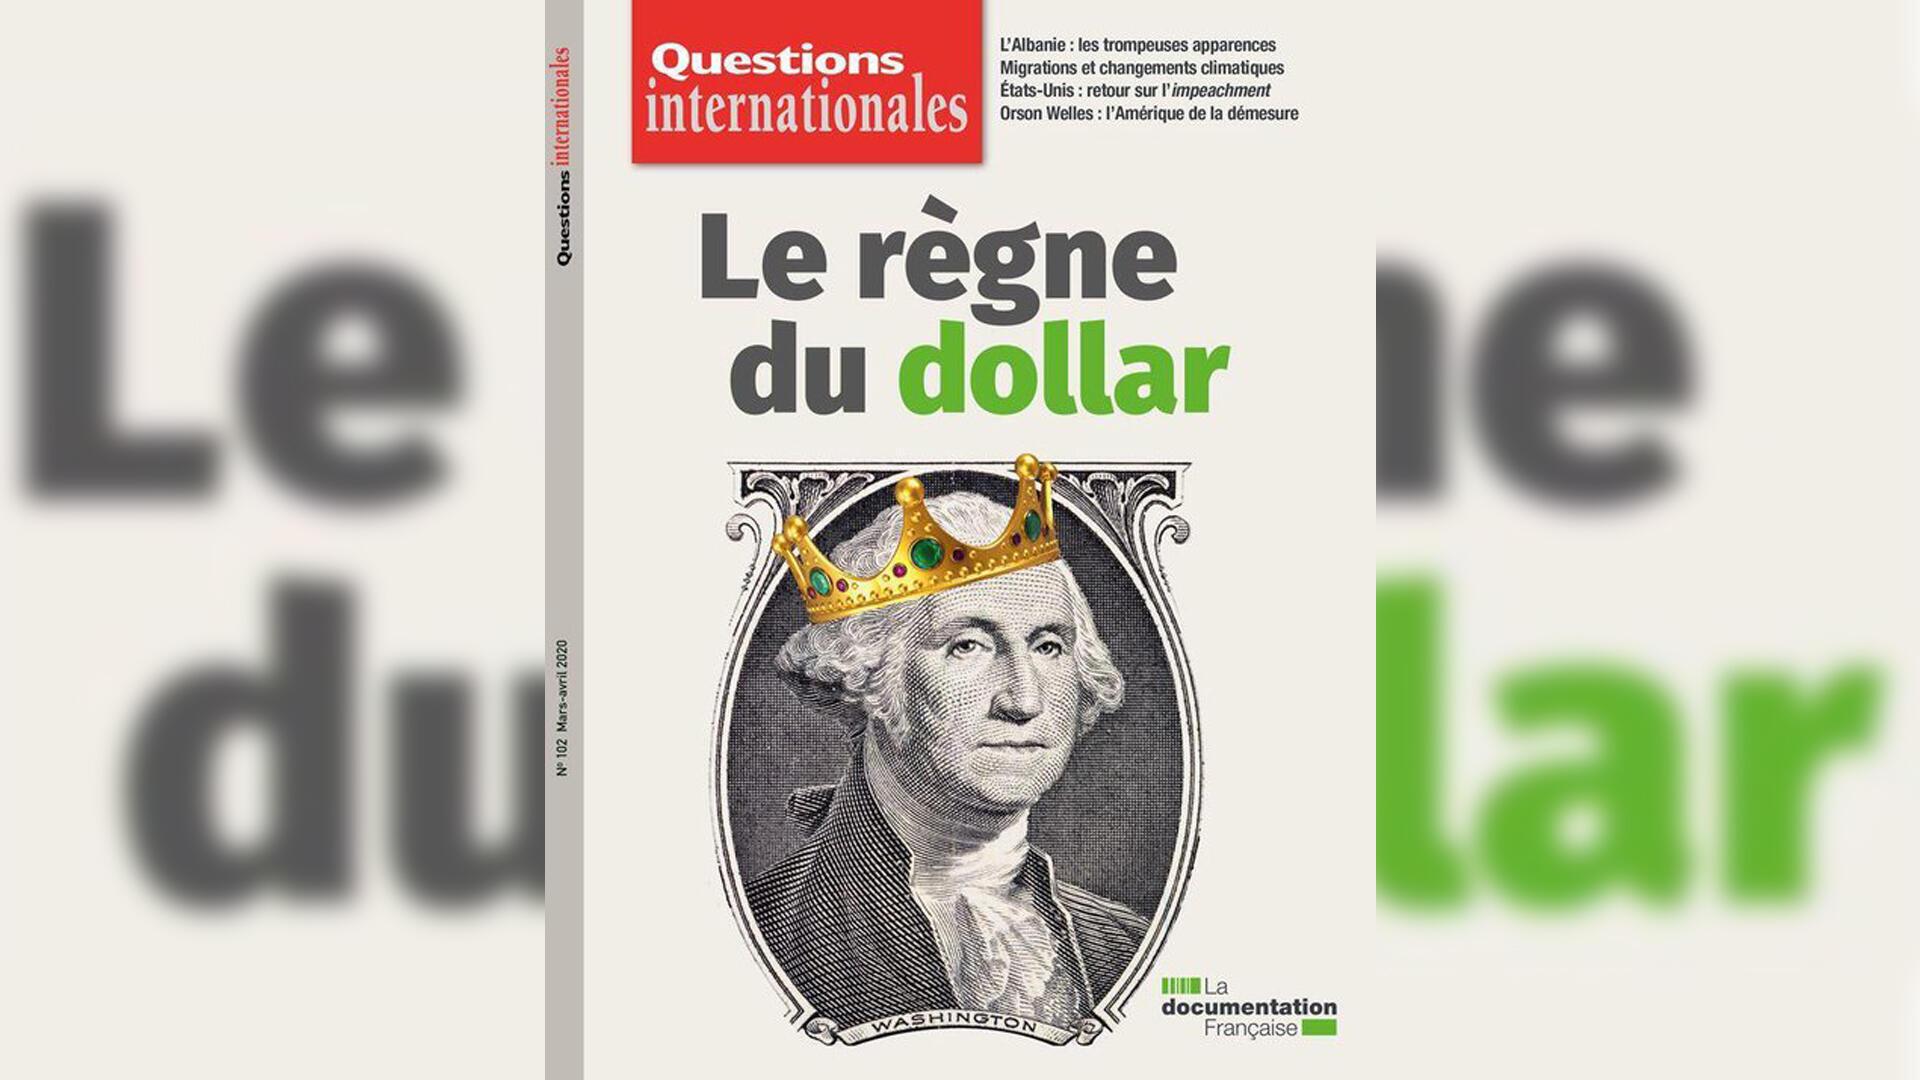 Questions internationales «Le règne du dollar».